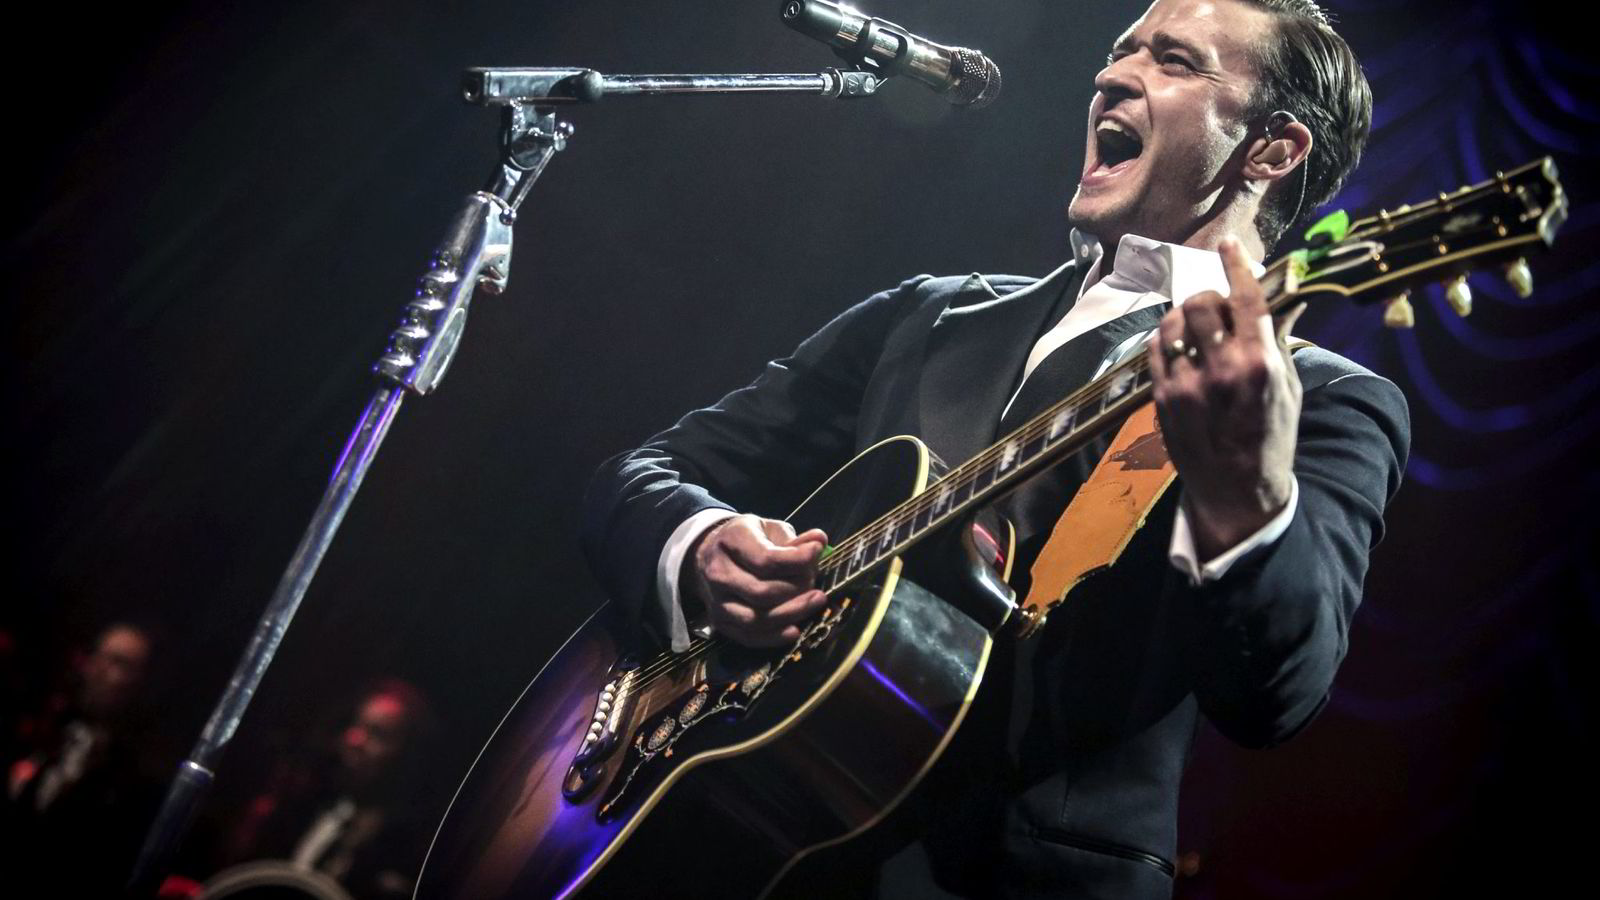 Justin Timberlake, som tidligere var en del av boybandet N'sync, hadde det mestselgende albumet i 2013 med «The 20/20 Experience». Her fra en konsert i London.